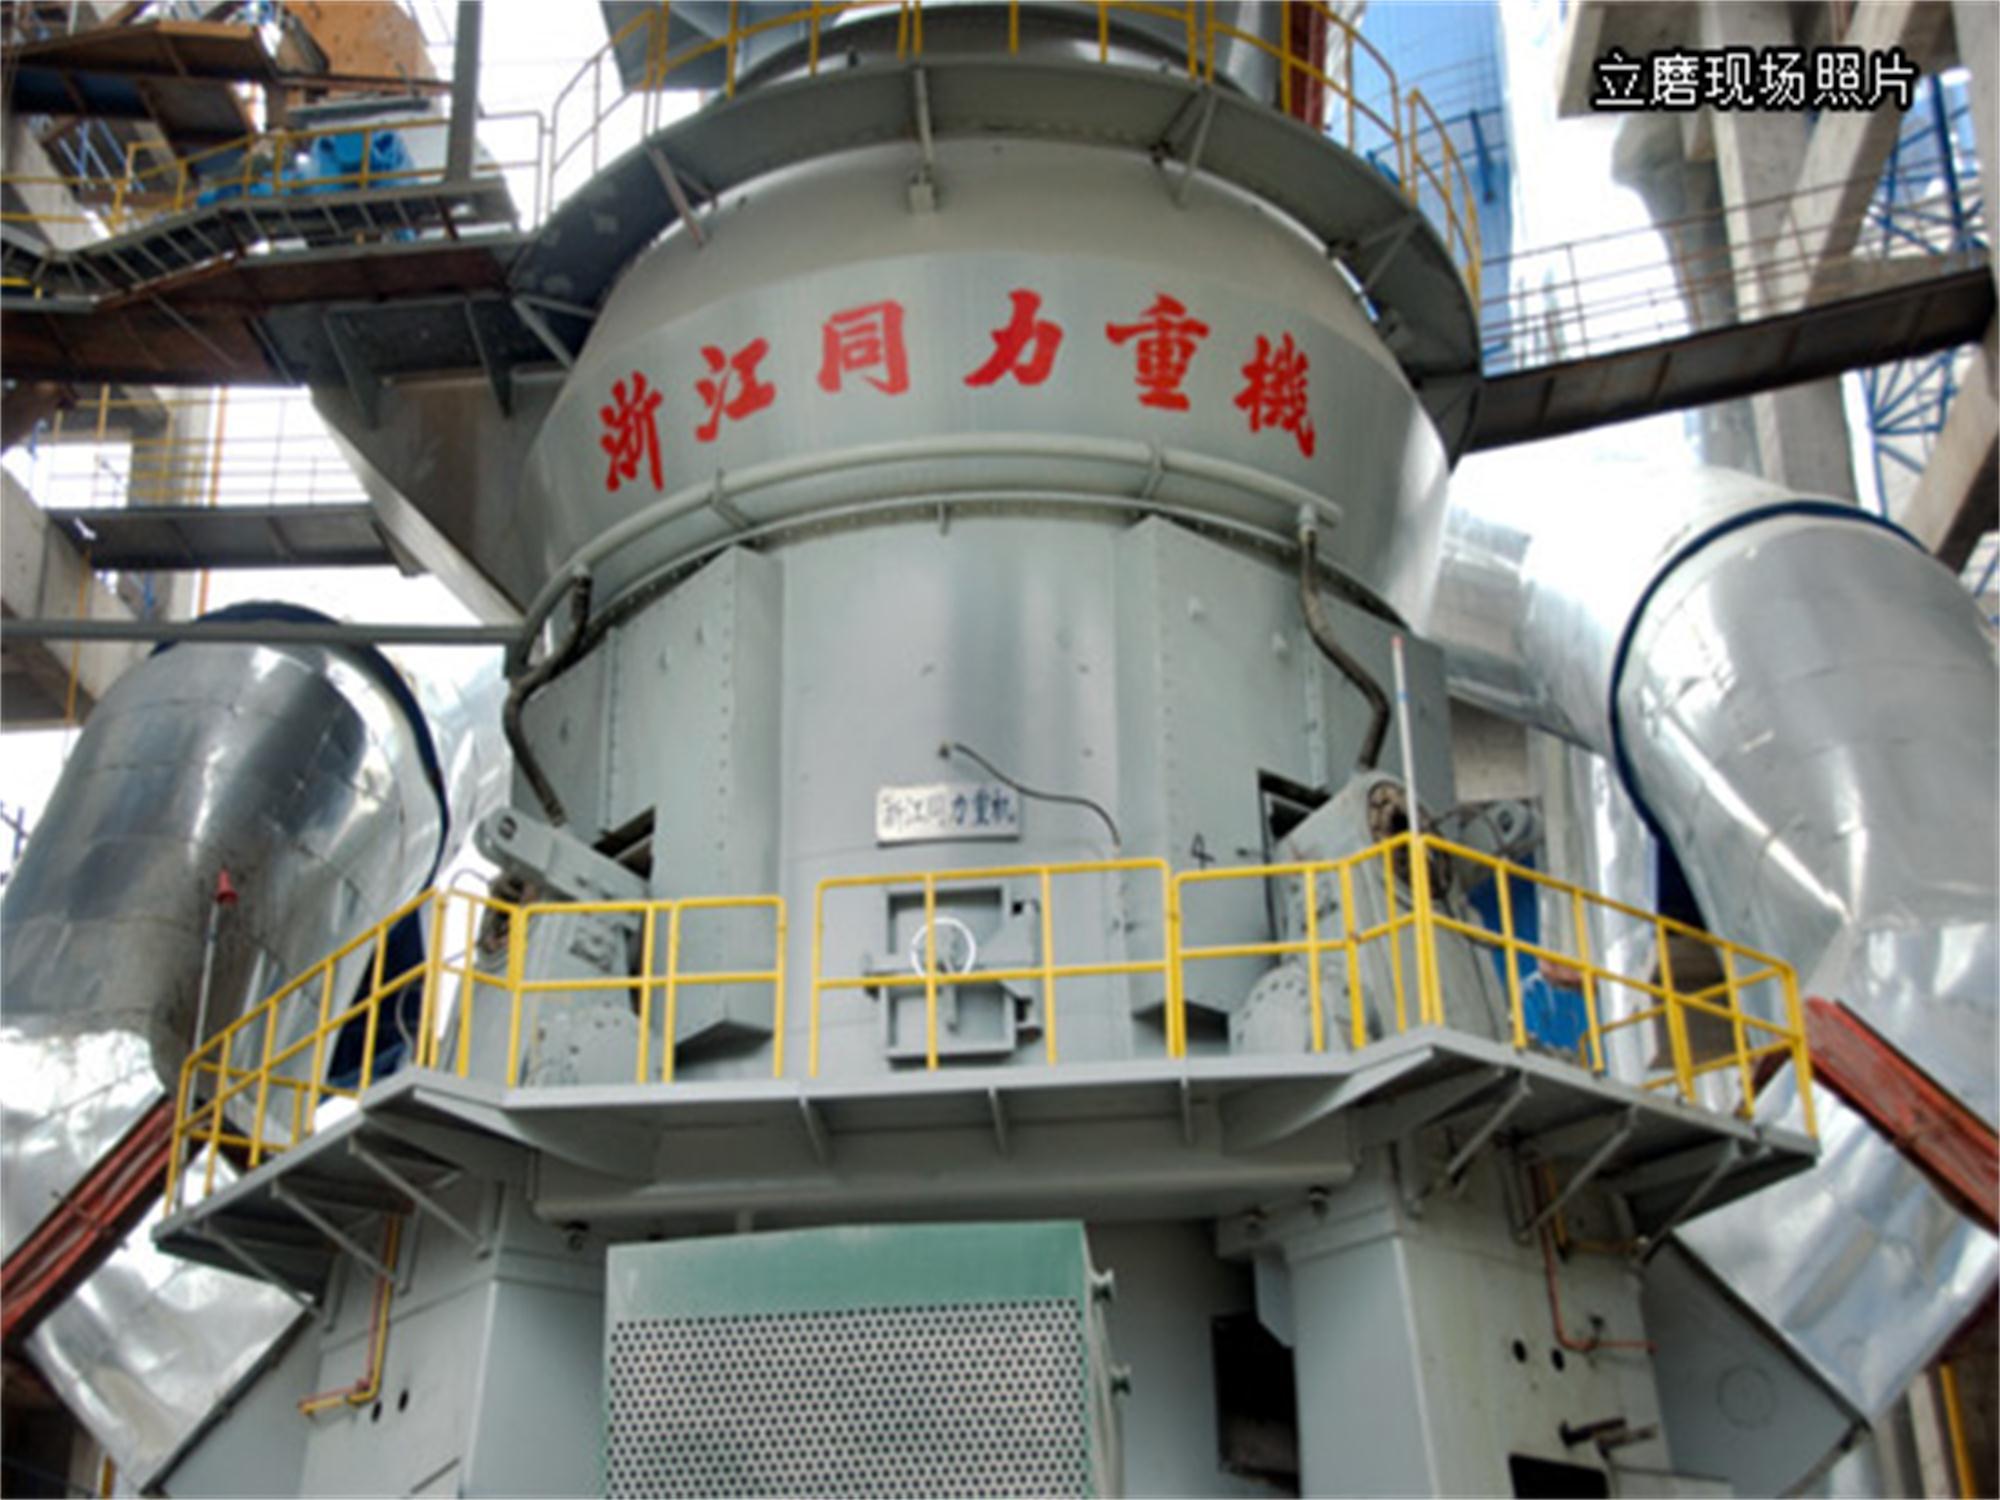 <strong>120万吨矿渣立磨生产线解决方案</strong>